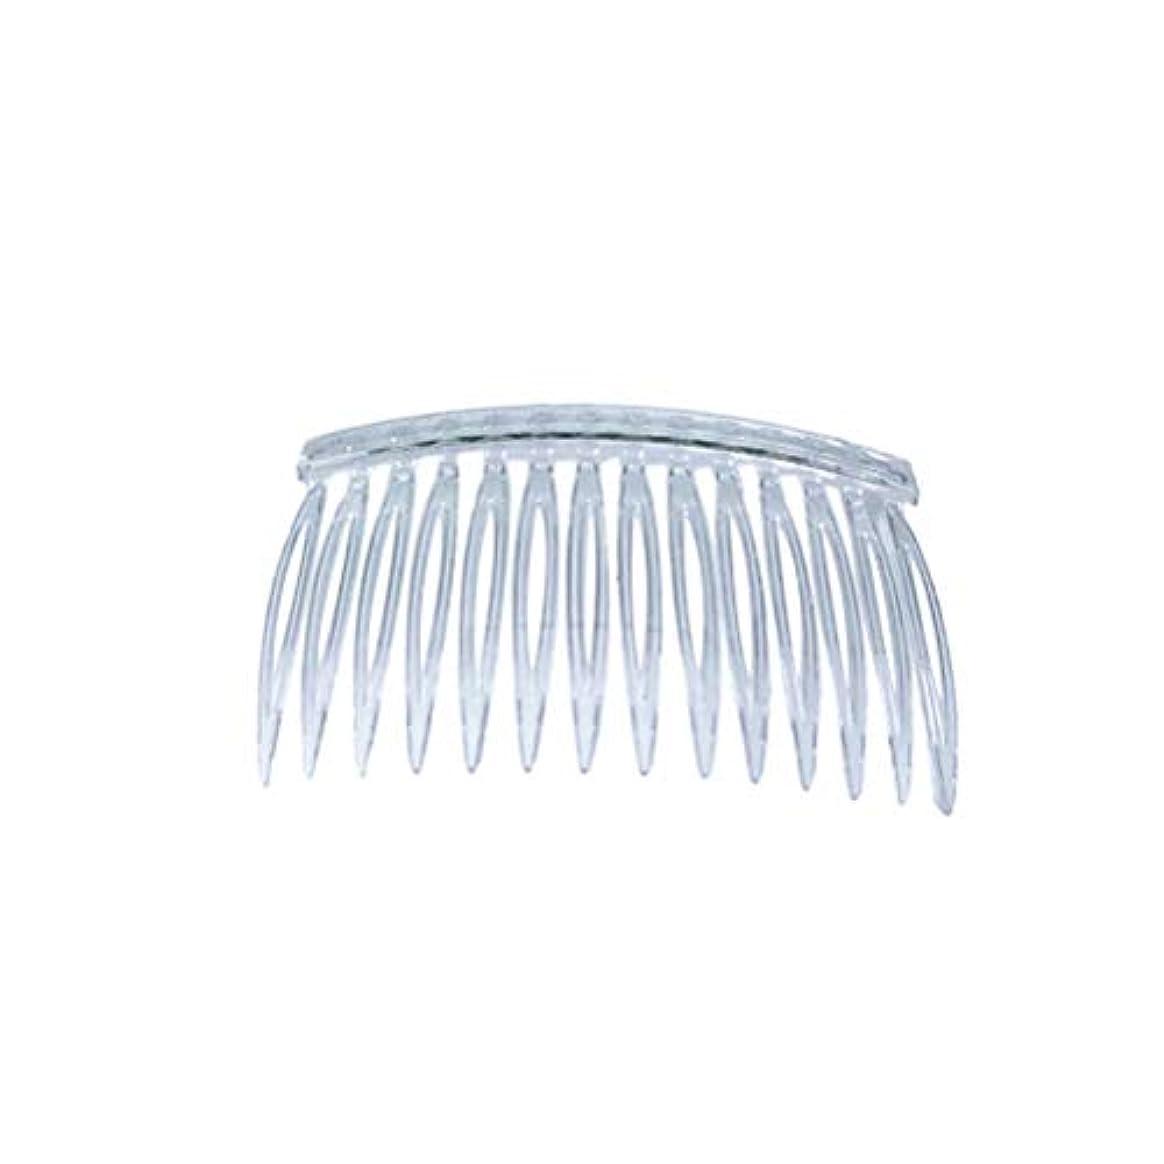 小道具引き潮合併Frcolor ヘアコーム ヘアアレンジ コーム かんざし ヘッドドレス 髪の櫛 髪飾り ヘアアクセサリー まとめ髪 プラスチック 透明 10本セット